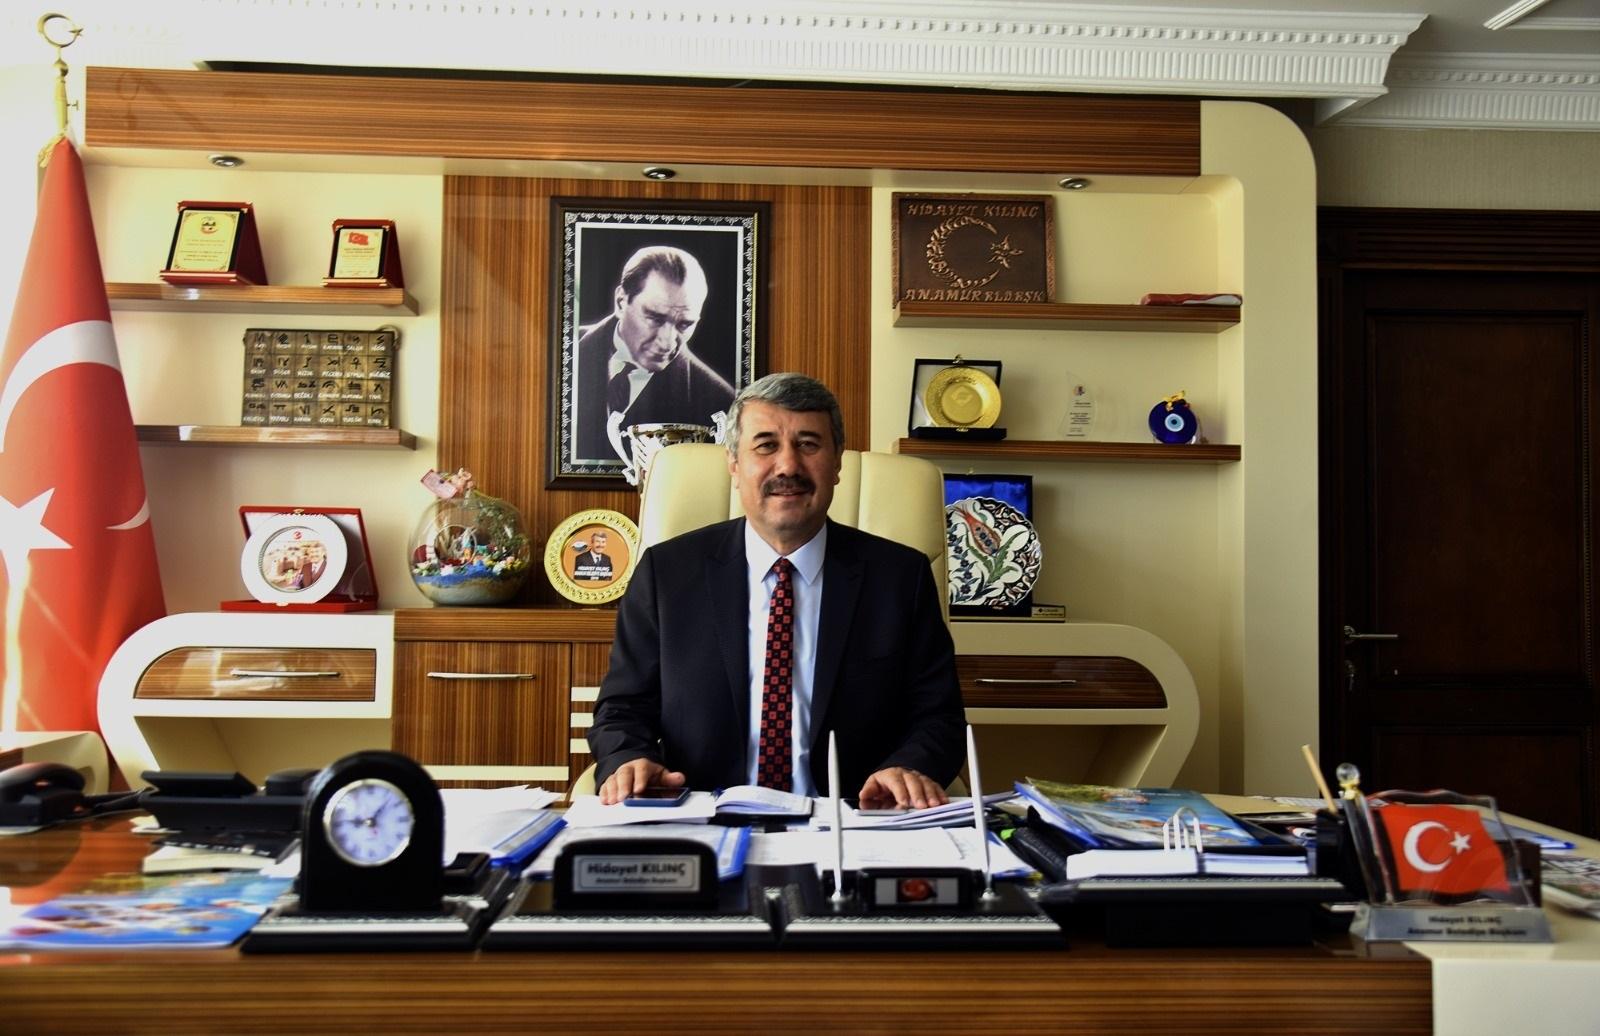 Başkan Kılınç'tan Evsel Katı Atık Toplama Bedeli Açıklaması